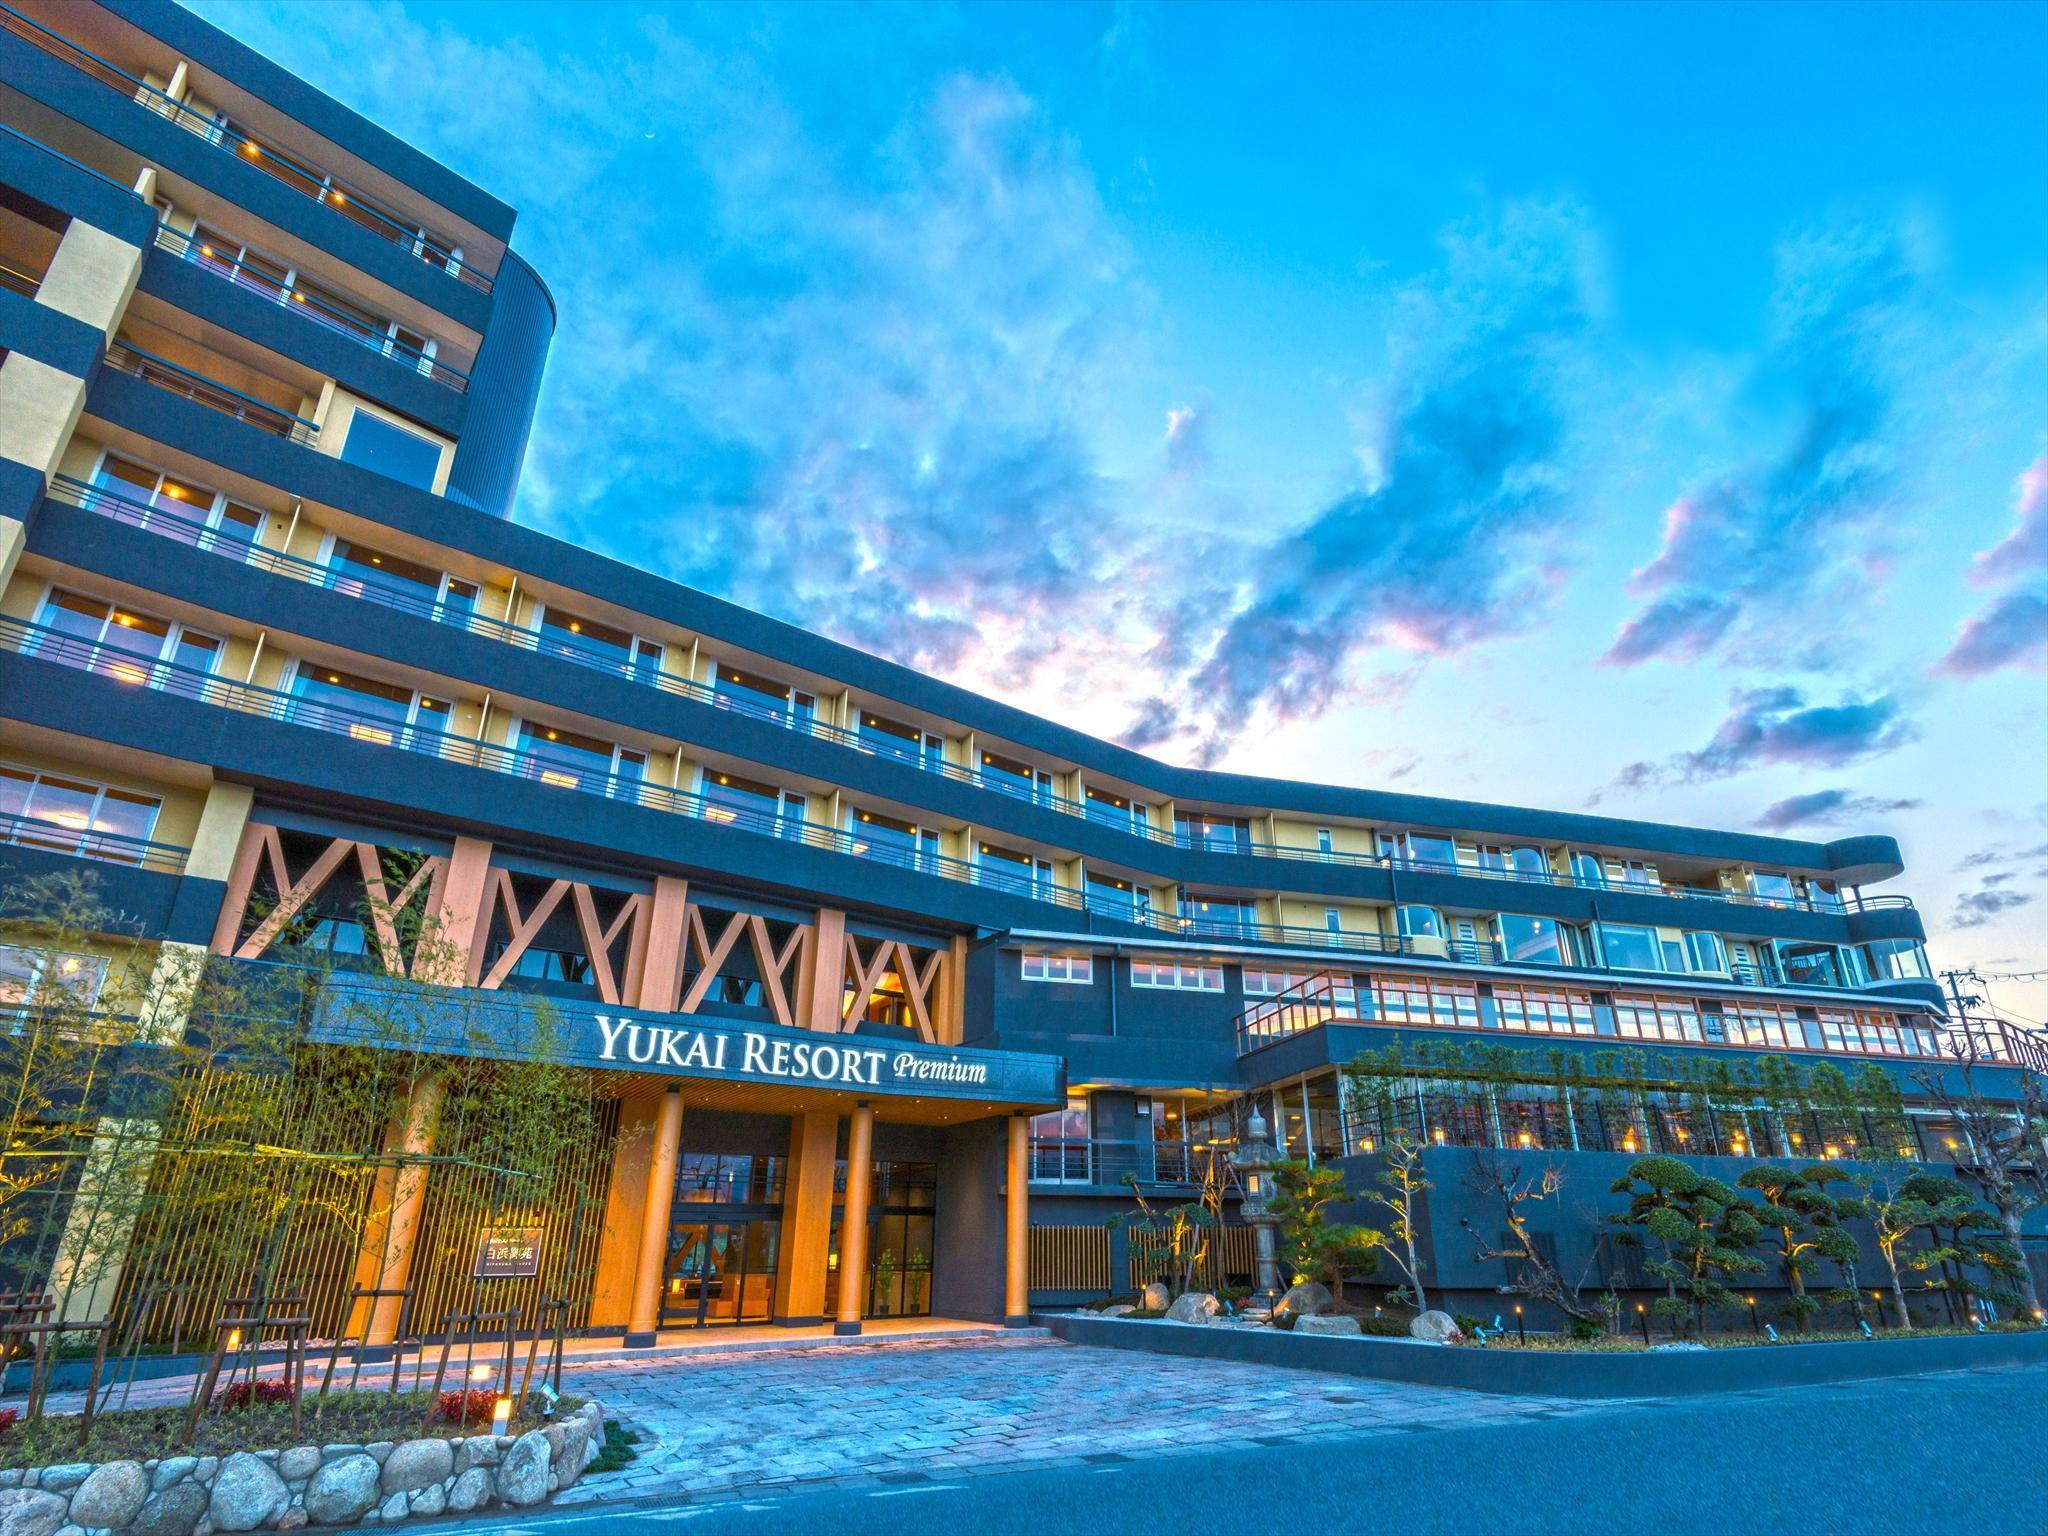 Yukai Resort Nanki Shirahamaonsen Shirahama Gyoen Premium